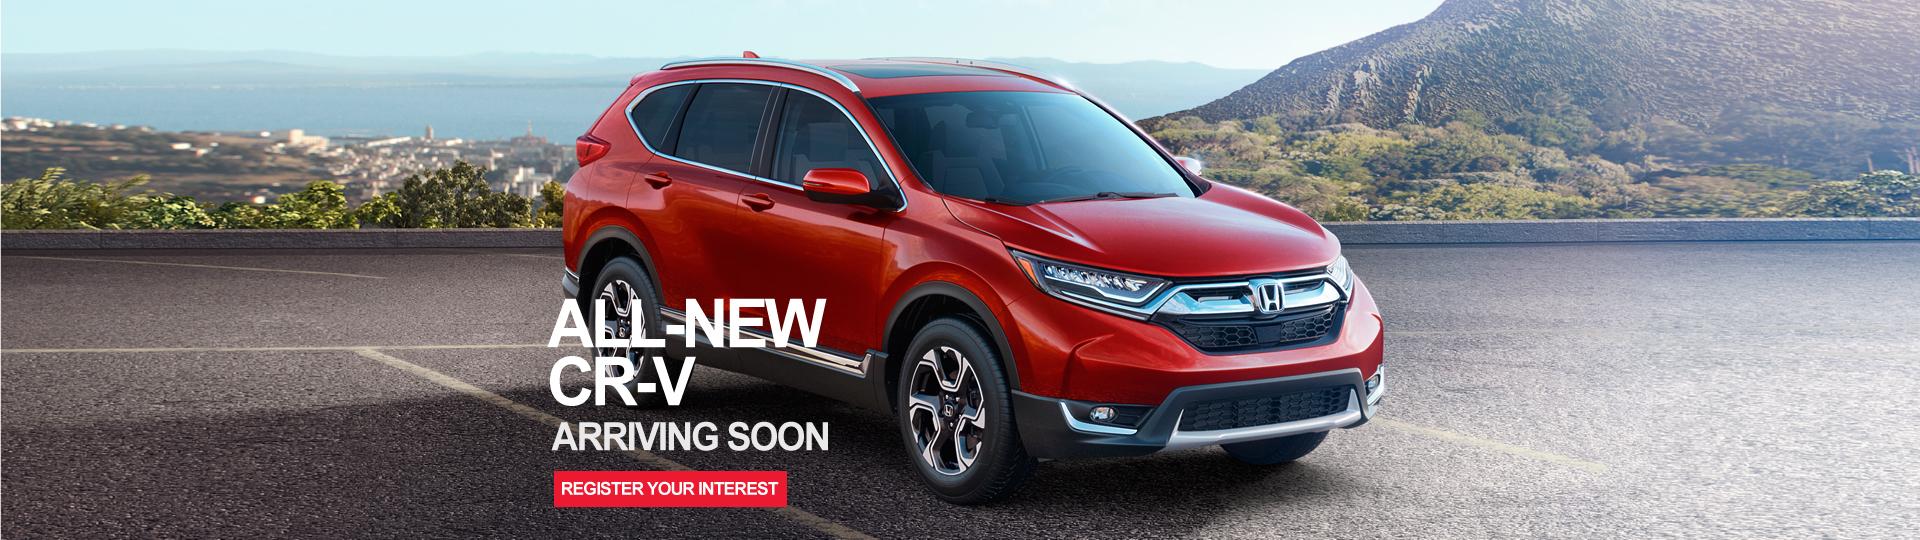 All-new Honda CR-V arrives at Hunter Honda Maitland soon